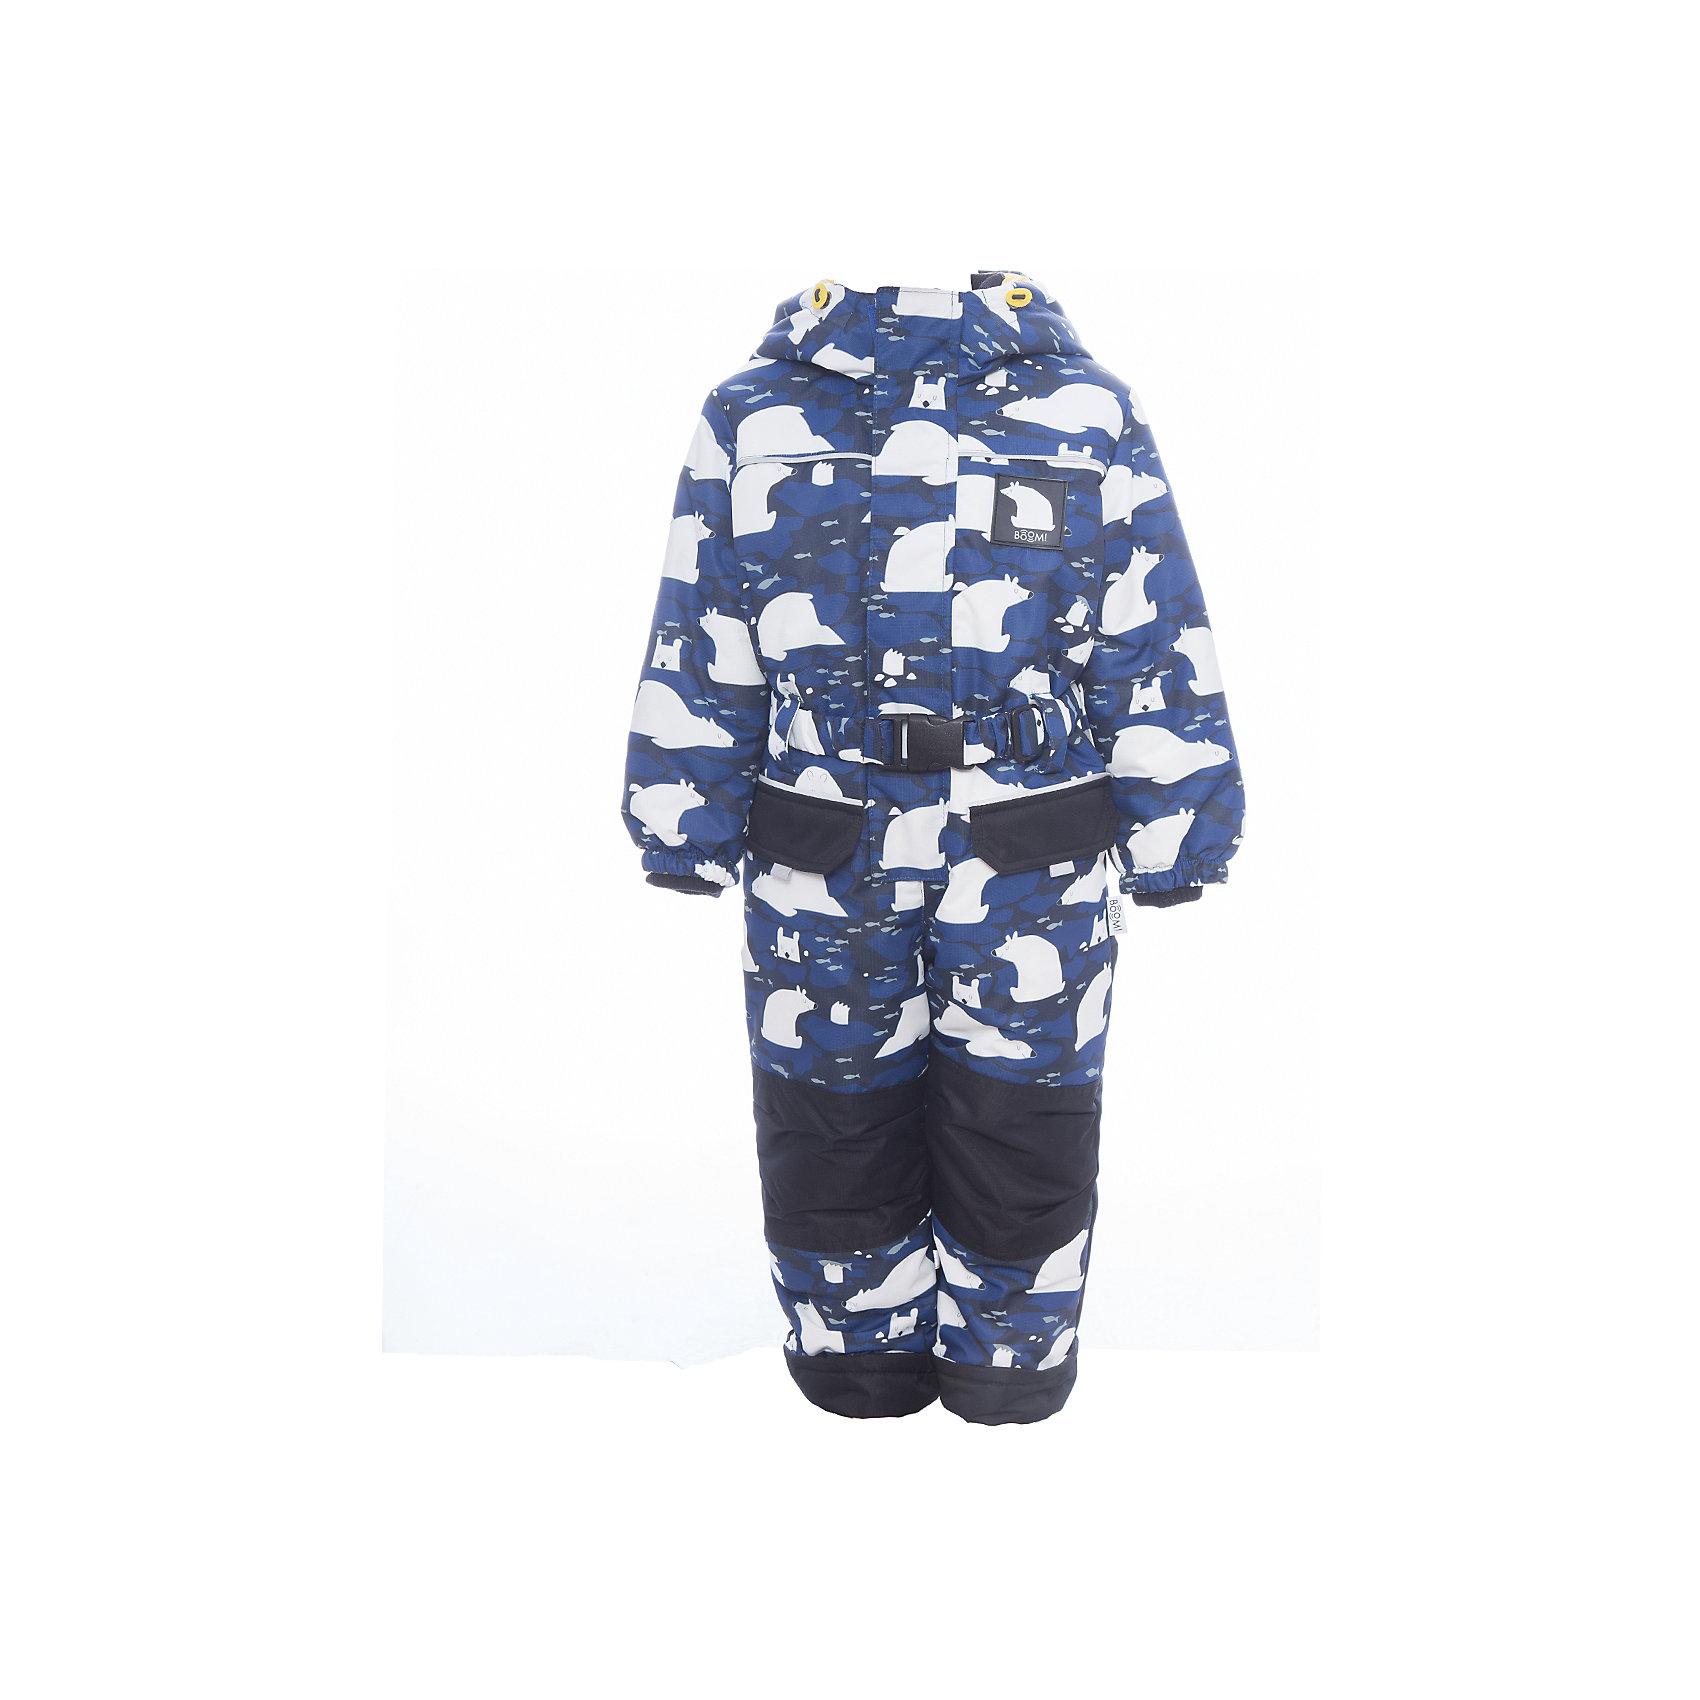 Комбинезон BOOM by Orby для мальчикаВерхняя одежда<br>Характеристики товара:<br><br>• цвет: синий<br>• состав ткани: таффета<br>• подкладка: флис, полиэстер пуходержащий<br>• утеплитель: FiberSoft<br>• сезон: зима<br>• мембранное покрытие<br>• температурный режим: от 0 до -30С<br>• водонепроницаемость: 3000 мм <br>• паропроницаемость: 3000 г/м2<br>• плотность утеплителя: 400 г/м2<br>• капюшон: без меха<br>• застежка: молния<br>• штрипки<br>• страна бренда: Россия<br>• страна изготовитель: Россия<br><br>Этот зимний комбинезон для ребенка поможет обеспечить необходимый уровень утепления. Детский теплый комбинезон дополнен удобным капюшоном, планкой от ветра и карманами. Мембранная ткань верха детского зимнего комбинезона защищена от промокания и ветра. Мембранный комбинезон для мальчика легко чистится. <br><br>Комбинезон для мальчика BOOM by Orby (Бум бай Орби) можно купить в нашем интернет-магазине.<br><br>Ширина мм: 356<br>Глубина мм: 10<br>Высота мм: 245<br>Вес г: 519<br>Цвет: черный<br>Возраст от месяцев: 36<br>Возраст до месяцев: 48<br>Пол: Мужской<br>Возраст: Детский<br>Размер: 104,128,80,86,92,98,110,116,122<br>SKU: 7090664